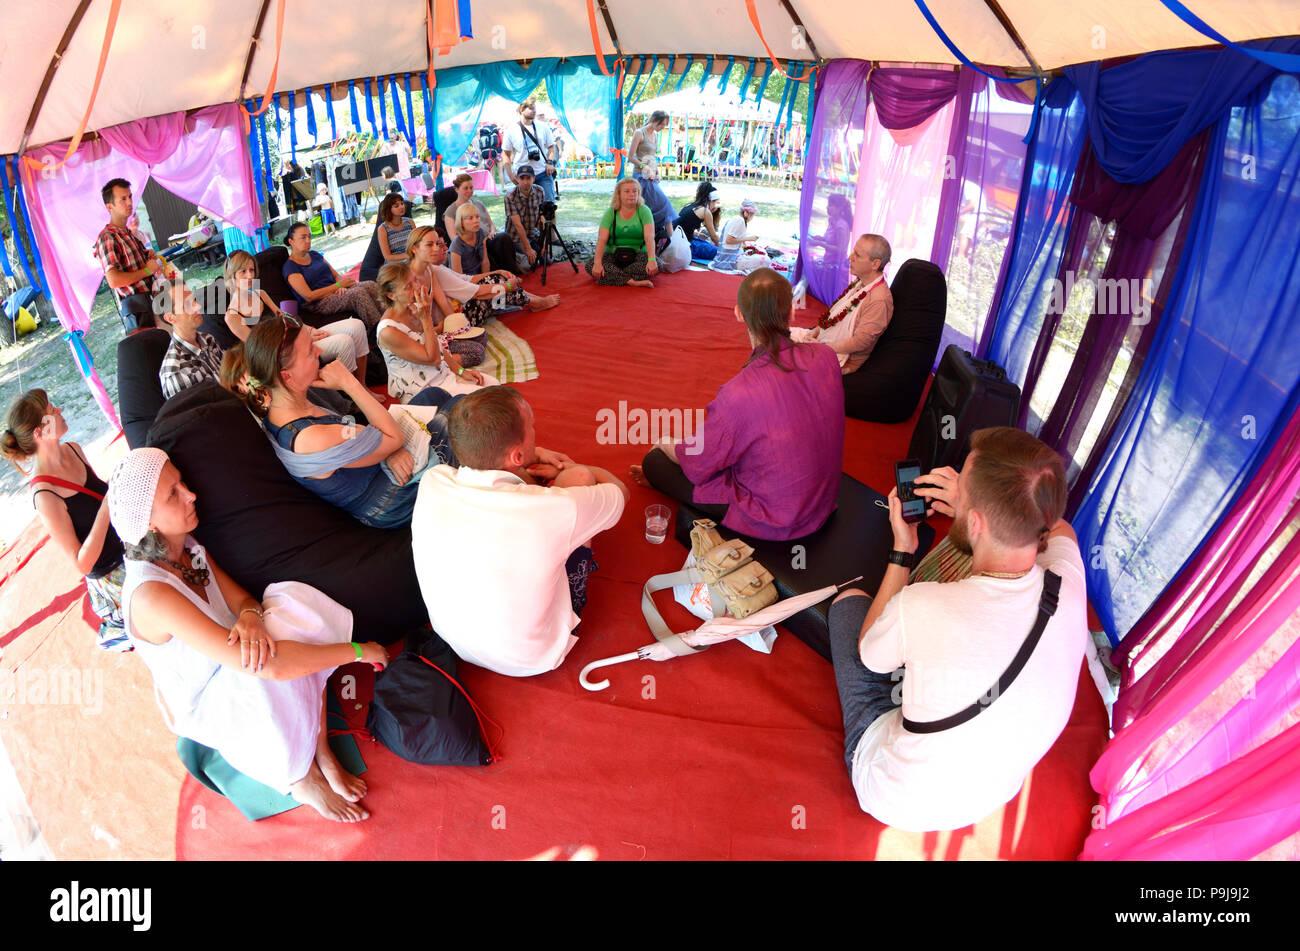 """Il Guru predicazione durante il festival di Yoga e cultura vedica """"Vedalife-2017, Isola"""". Il 7 agosto 2017. A Kiev, Ucraina Immagini Stock"""